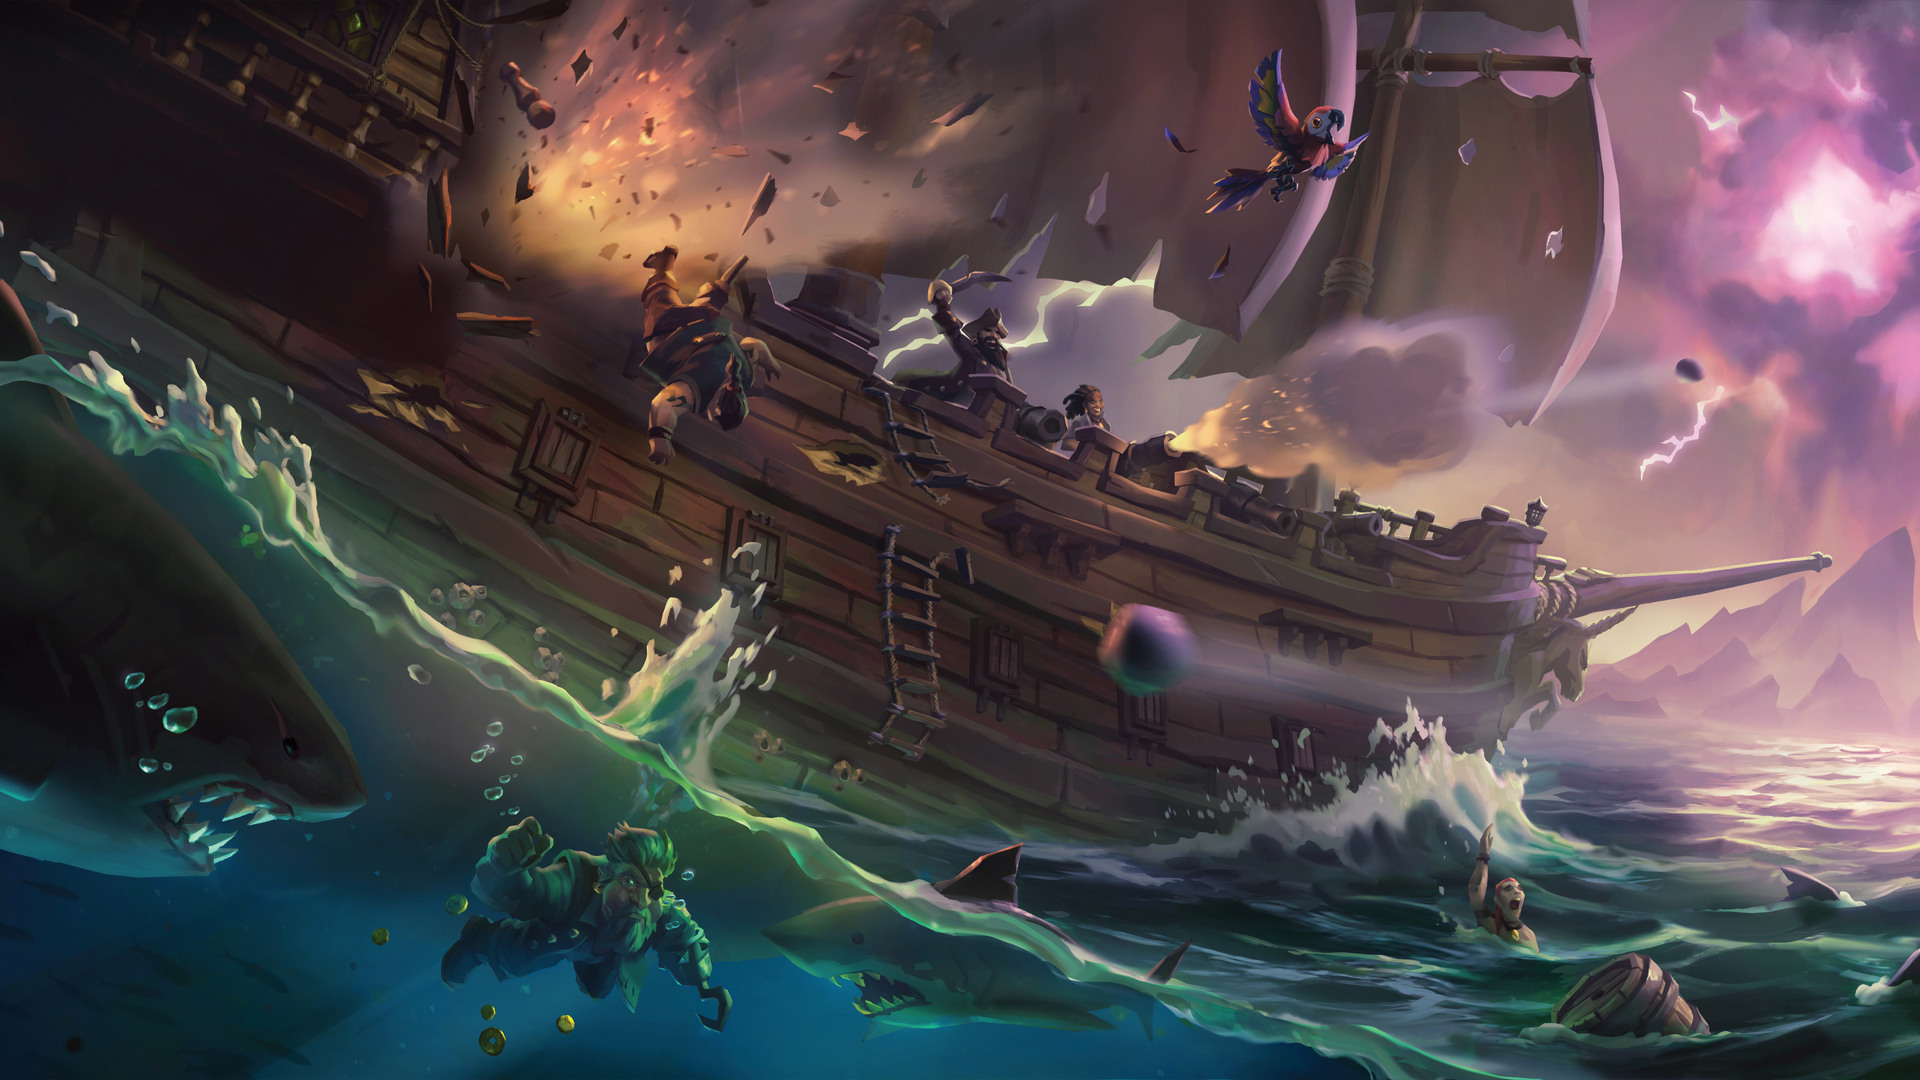 Sea of Thieves dostalo další velký update s názvem Legends of the Sea